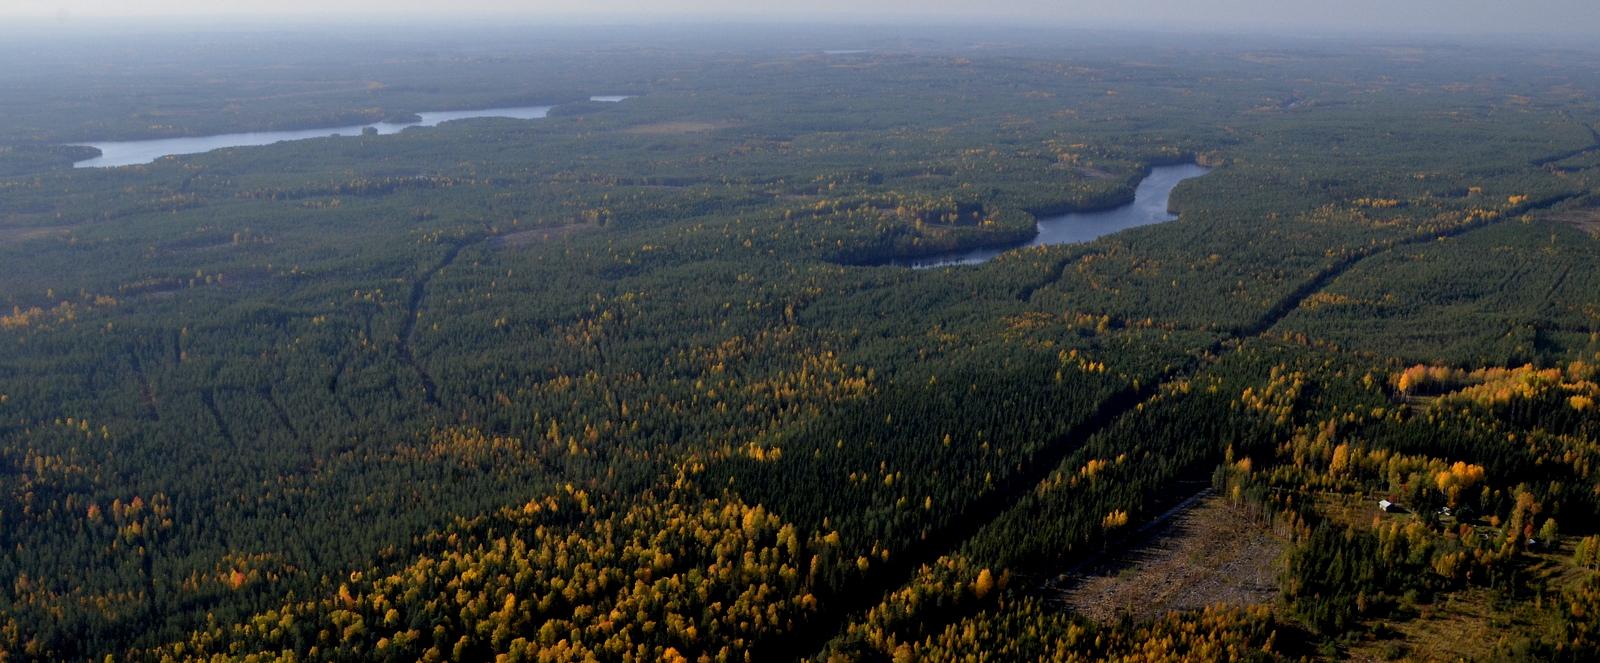 Vasemmalla Kohmujärvi, oikealla Pitkänen. Tien oikealla puolella Muroahon asutusta.